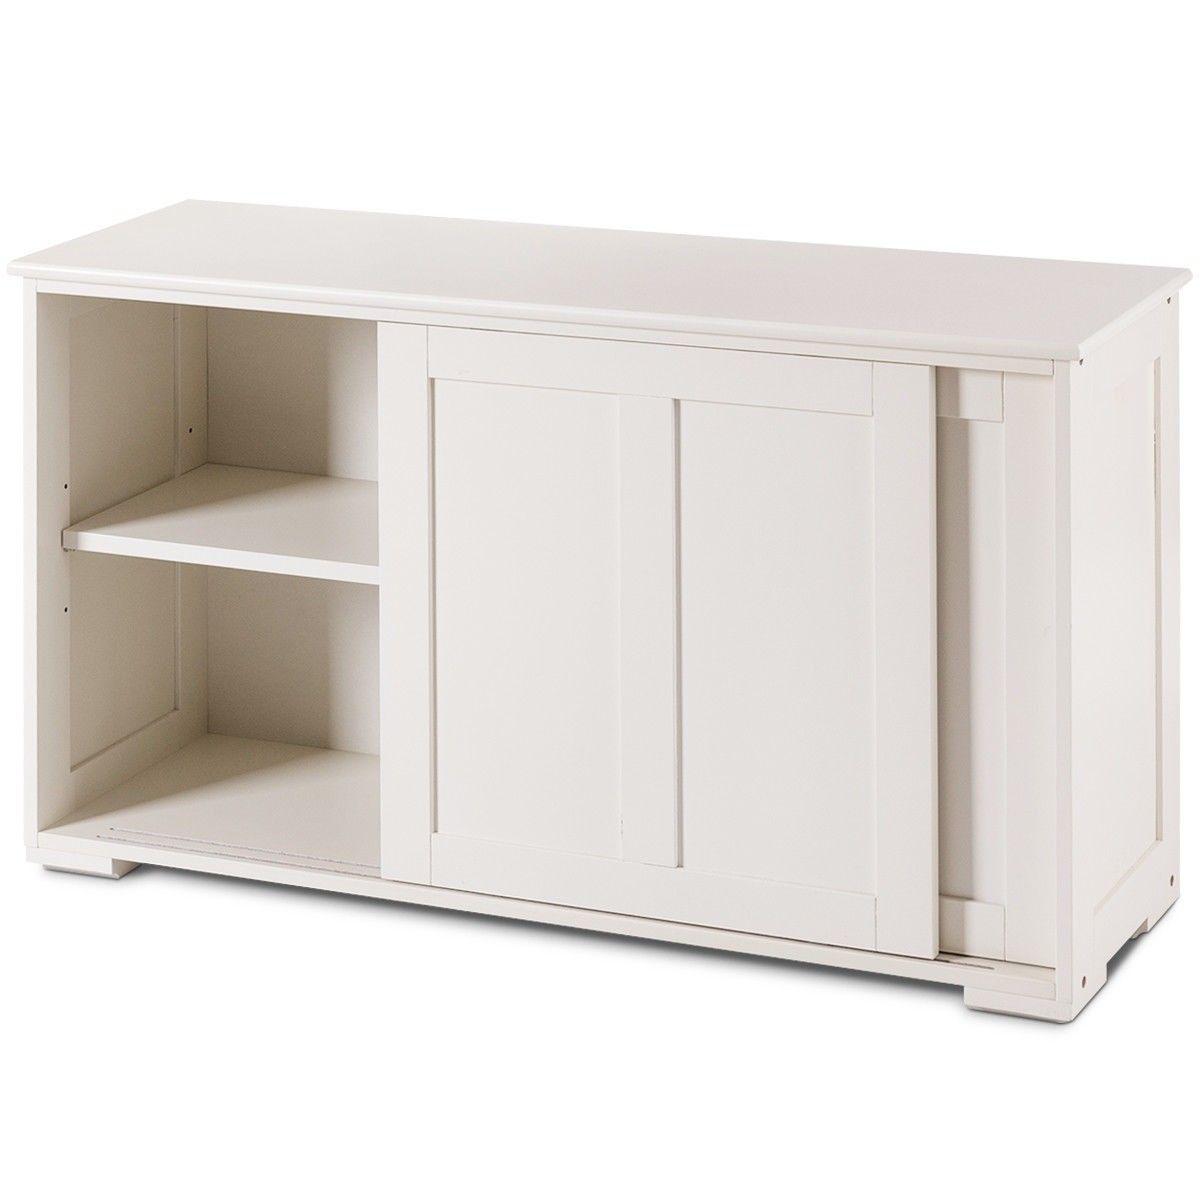 Kitchen Storage Cupboard Cabinet With Sliding Door Kitchen Furniture Storage Cupboard Storage Wooden Storage Cabinet